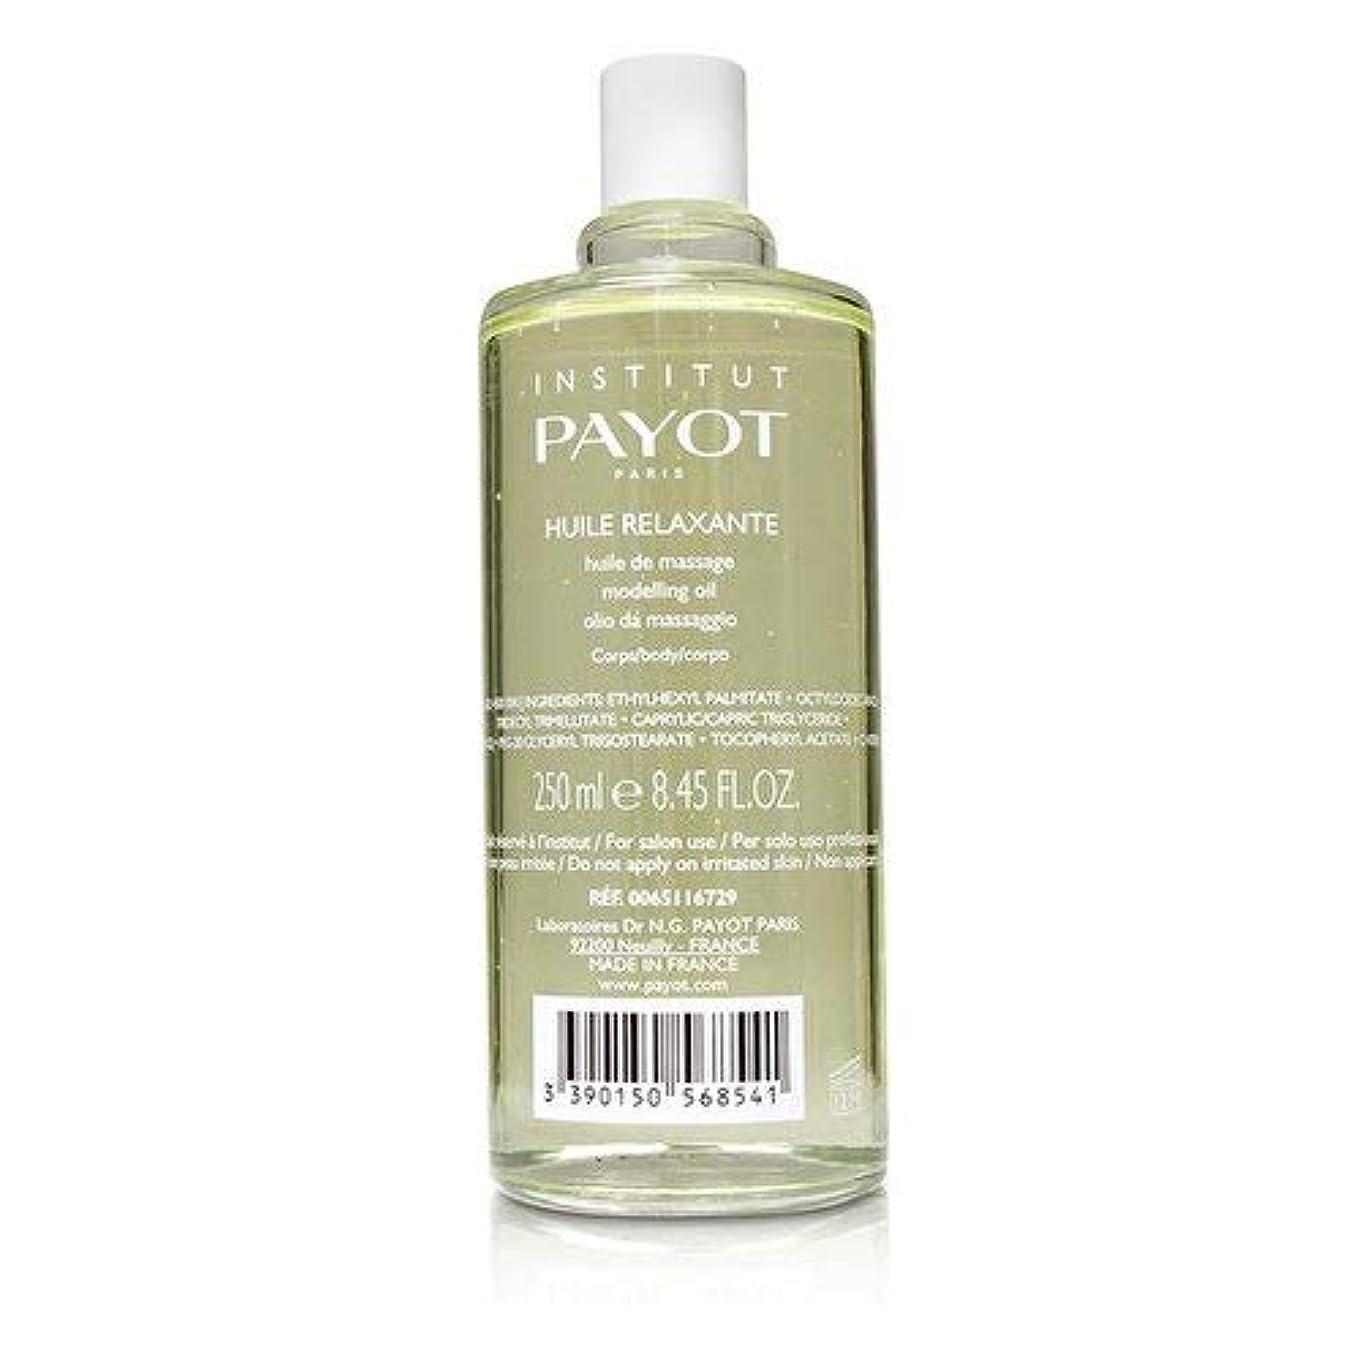 並外れて草豚パイヨ Huile Relaxante - Body Massage Oil (Jasmine & White Tea) (Salon Product) 250ml/8.45oz並行輸入品